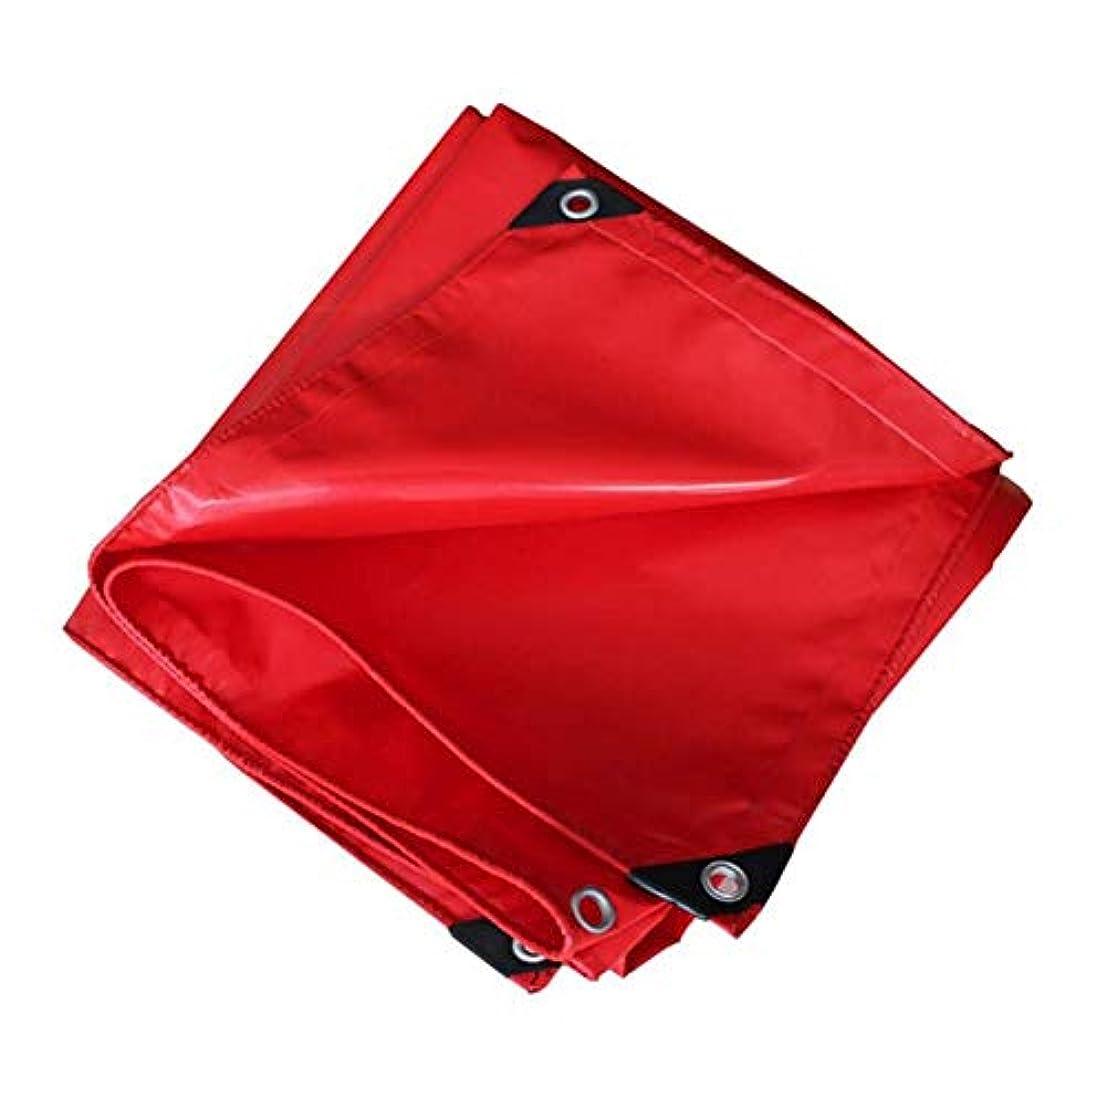 違反シーントレードZX タープ ターポリン - 厚く、ヘビーデューティ、防水耐摩耗性日焼け止め引裂抵抗タープ、500g / M 2 テント アウトドア (Color : Red, Size : 2x3m)